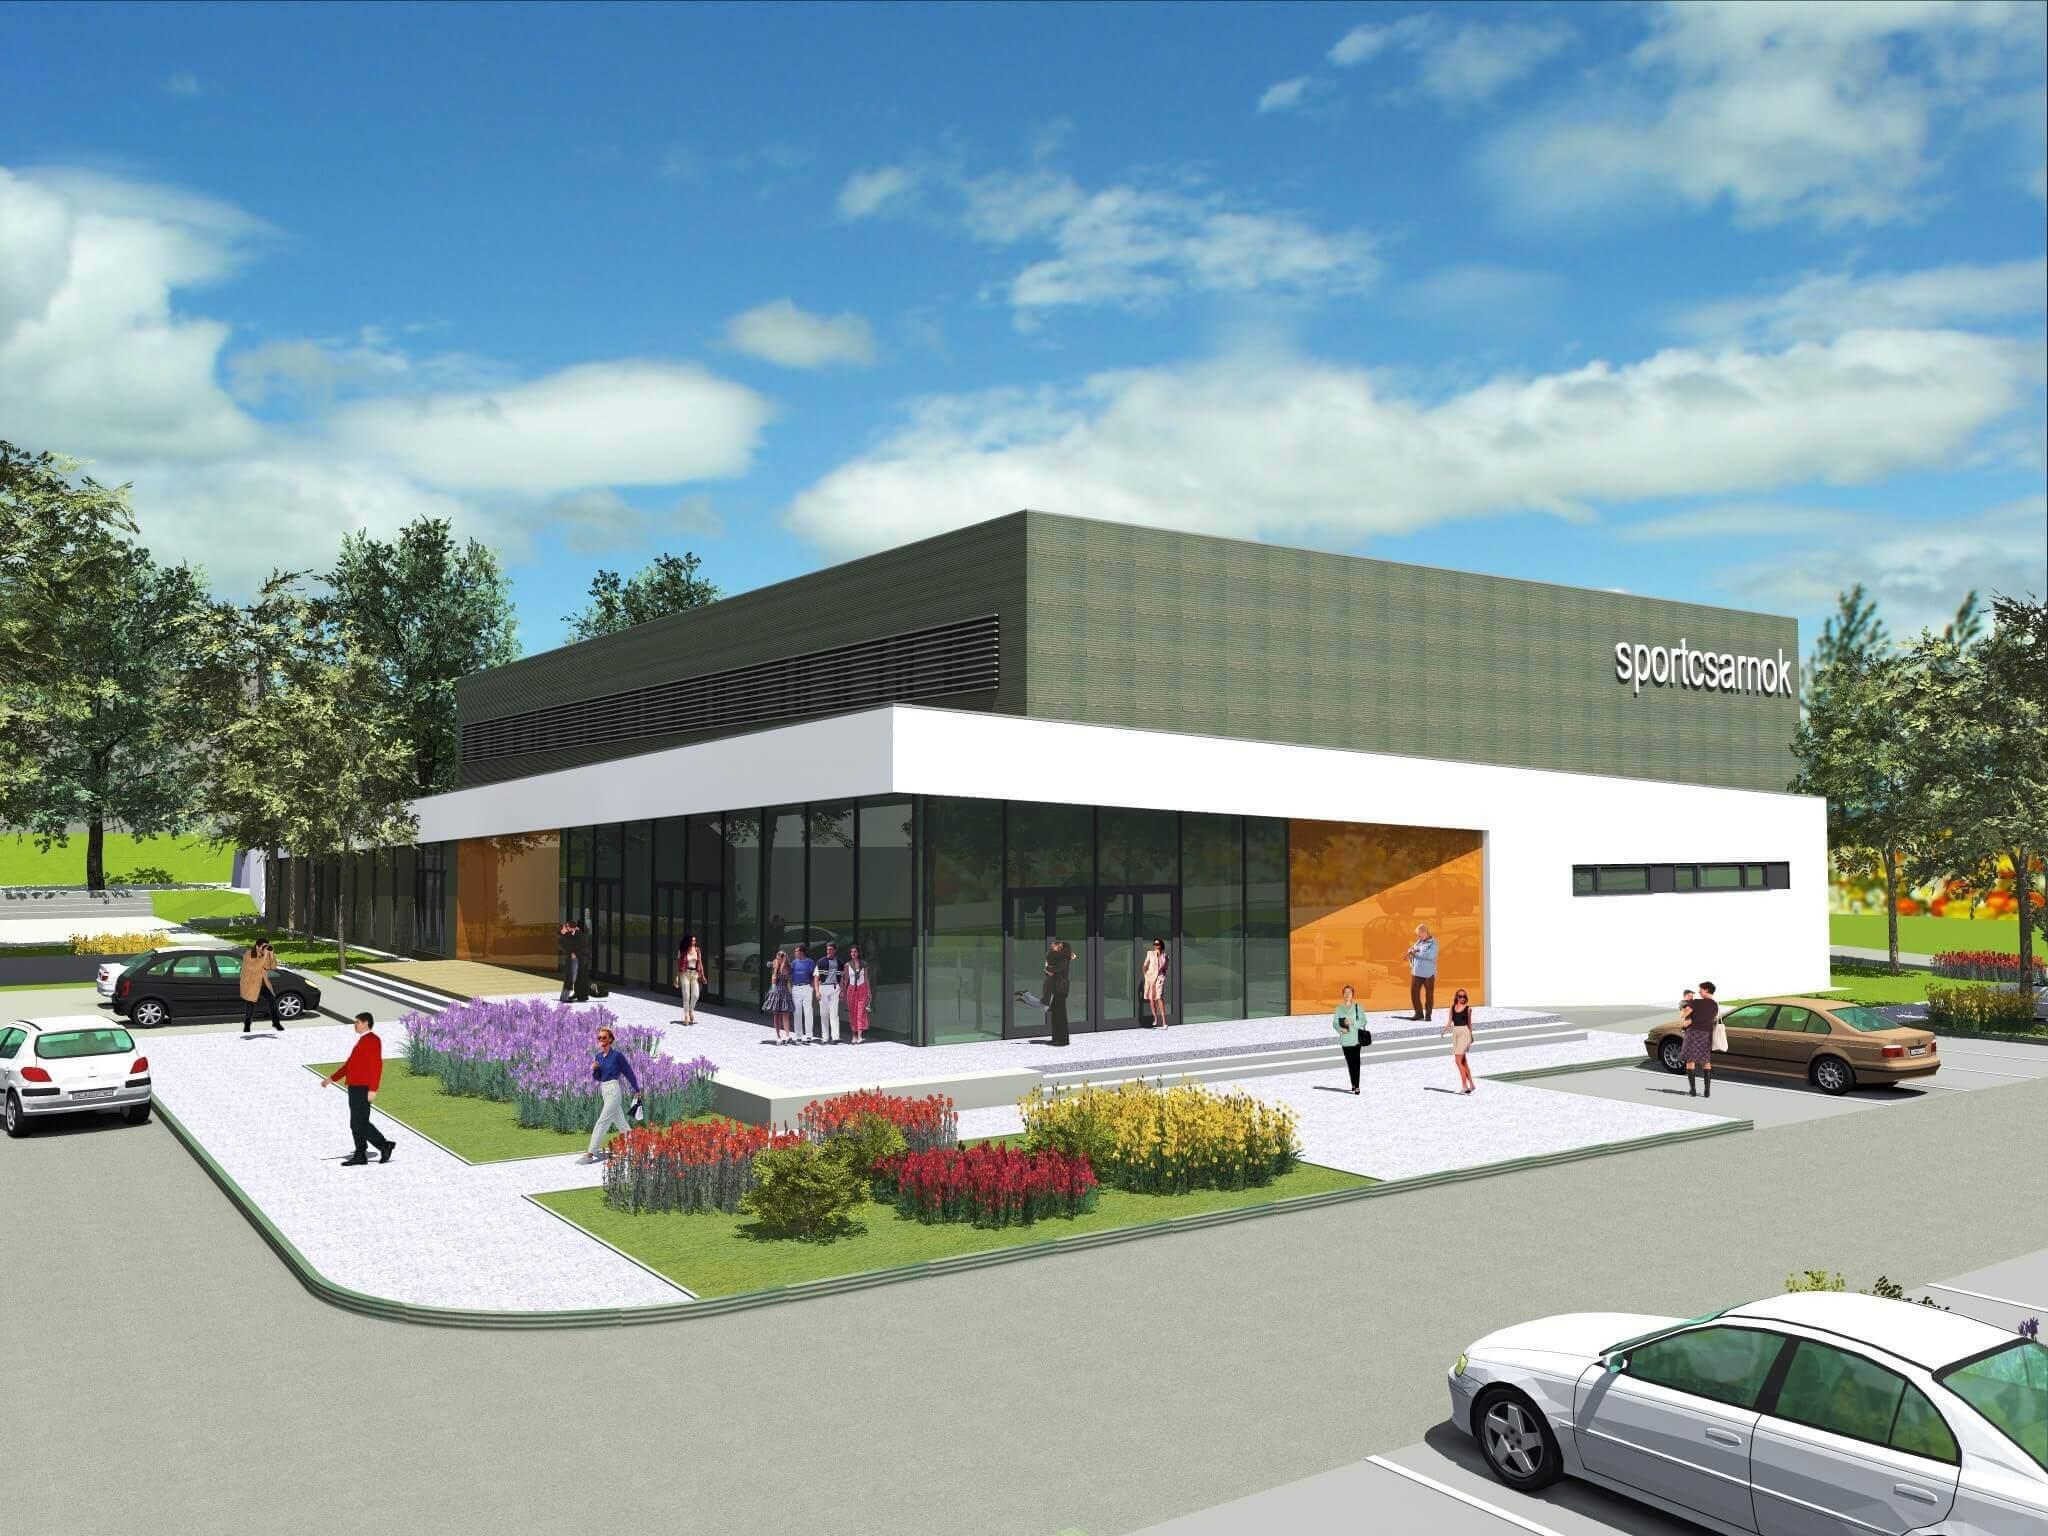 Az iskolát már átadták, a kézilabdacsarnokot építik Tatabányán